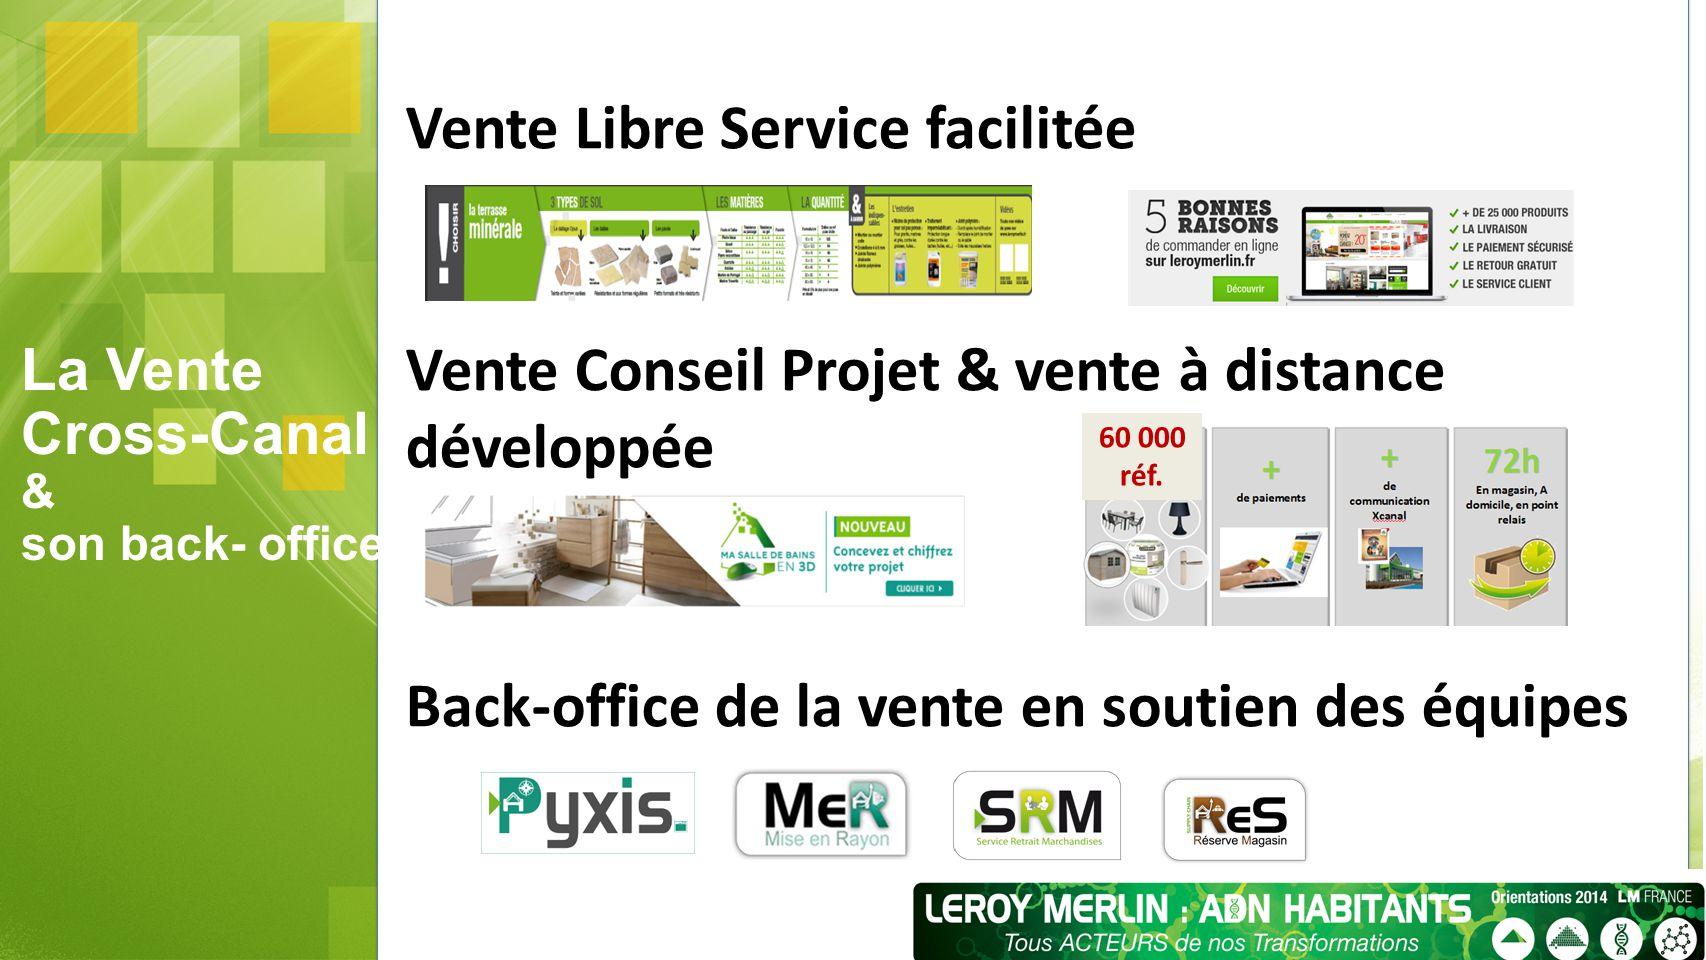 La Vente Cross-Canal & son back- office Vente Libre Service facilitée Vente Conseil Projet & vente à distance développée Back-office de la vente en so